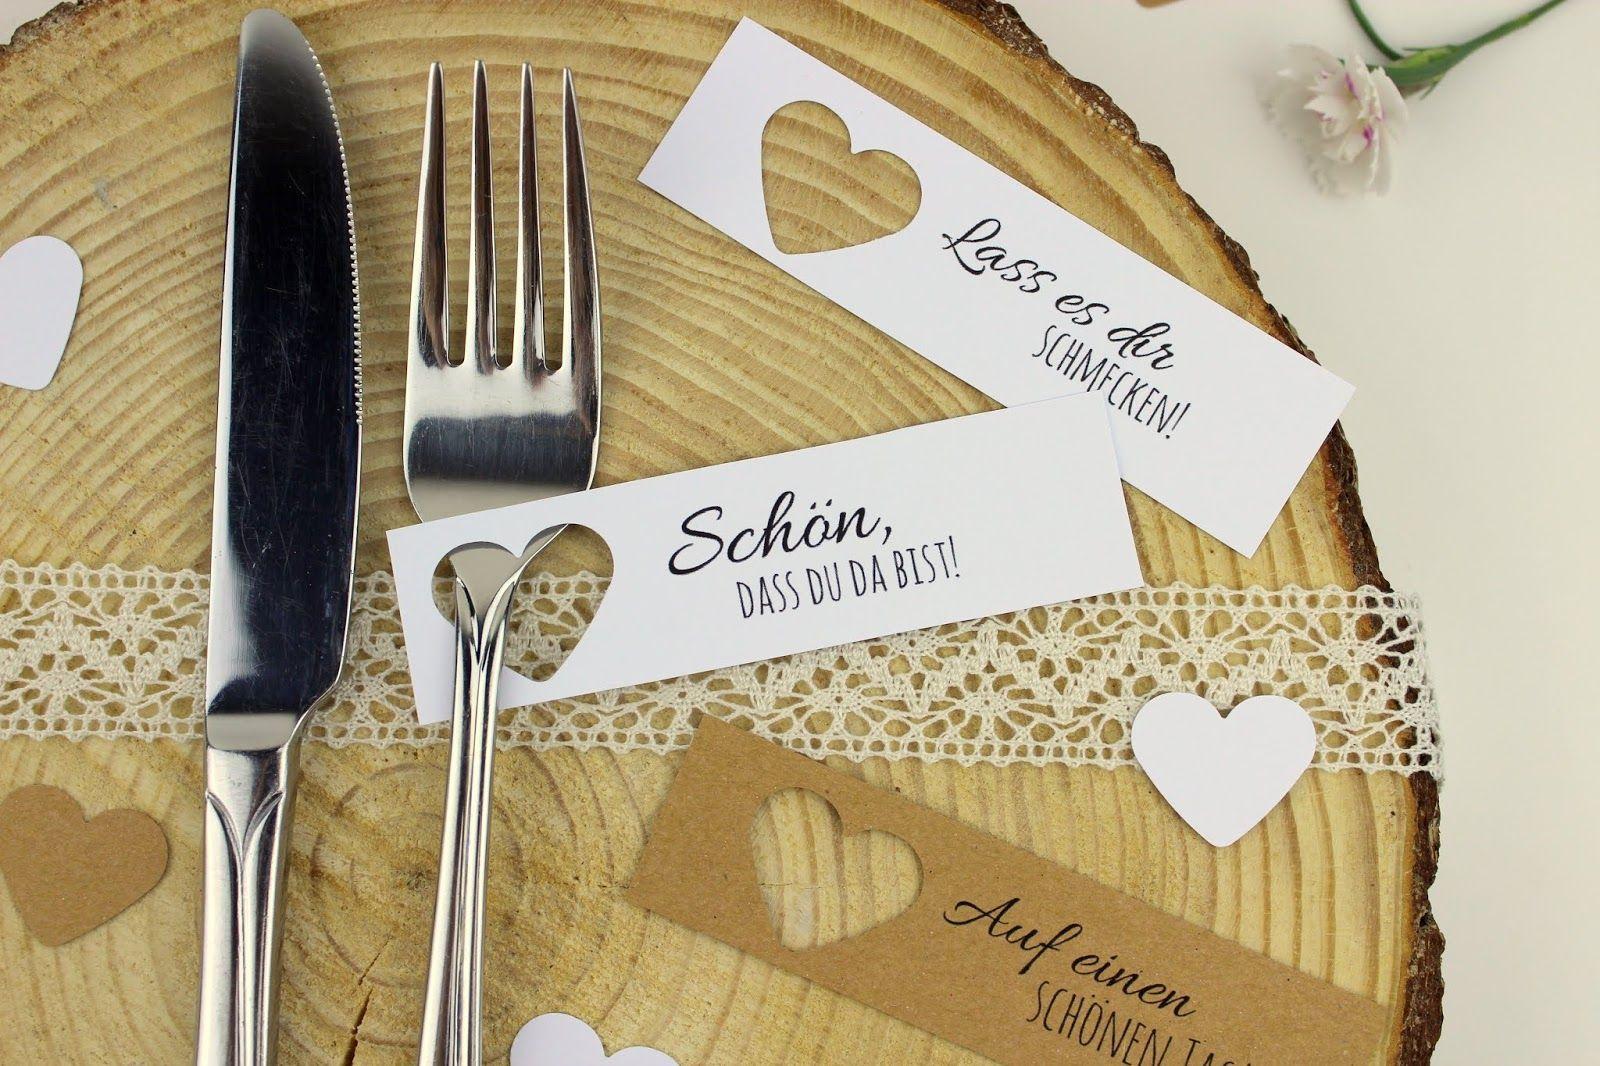 DIY Tischkarten ganz einfach selber machen + 5 kostenlose Vorlagen - ideal für die perfekte Hochzeit: DIY, Basteln, Selbermachen, Hochzeit, Hochzeitsdeko, Hochzeitsidee, Tischdeko, Geschenkidee, Anleitung, Tutorial #Bastelidee #DIY #Basteln #Selbermachen  #Tischdeko #Hochzeit #Hochzeitsdeko #Hochzeitsidee #Geschenk #Anleitung #Tutorial #Recycling #rustikaleweihnachtentischdeko